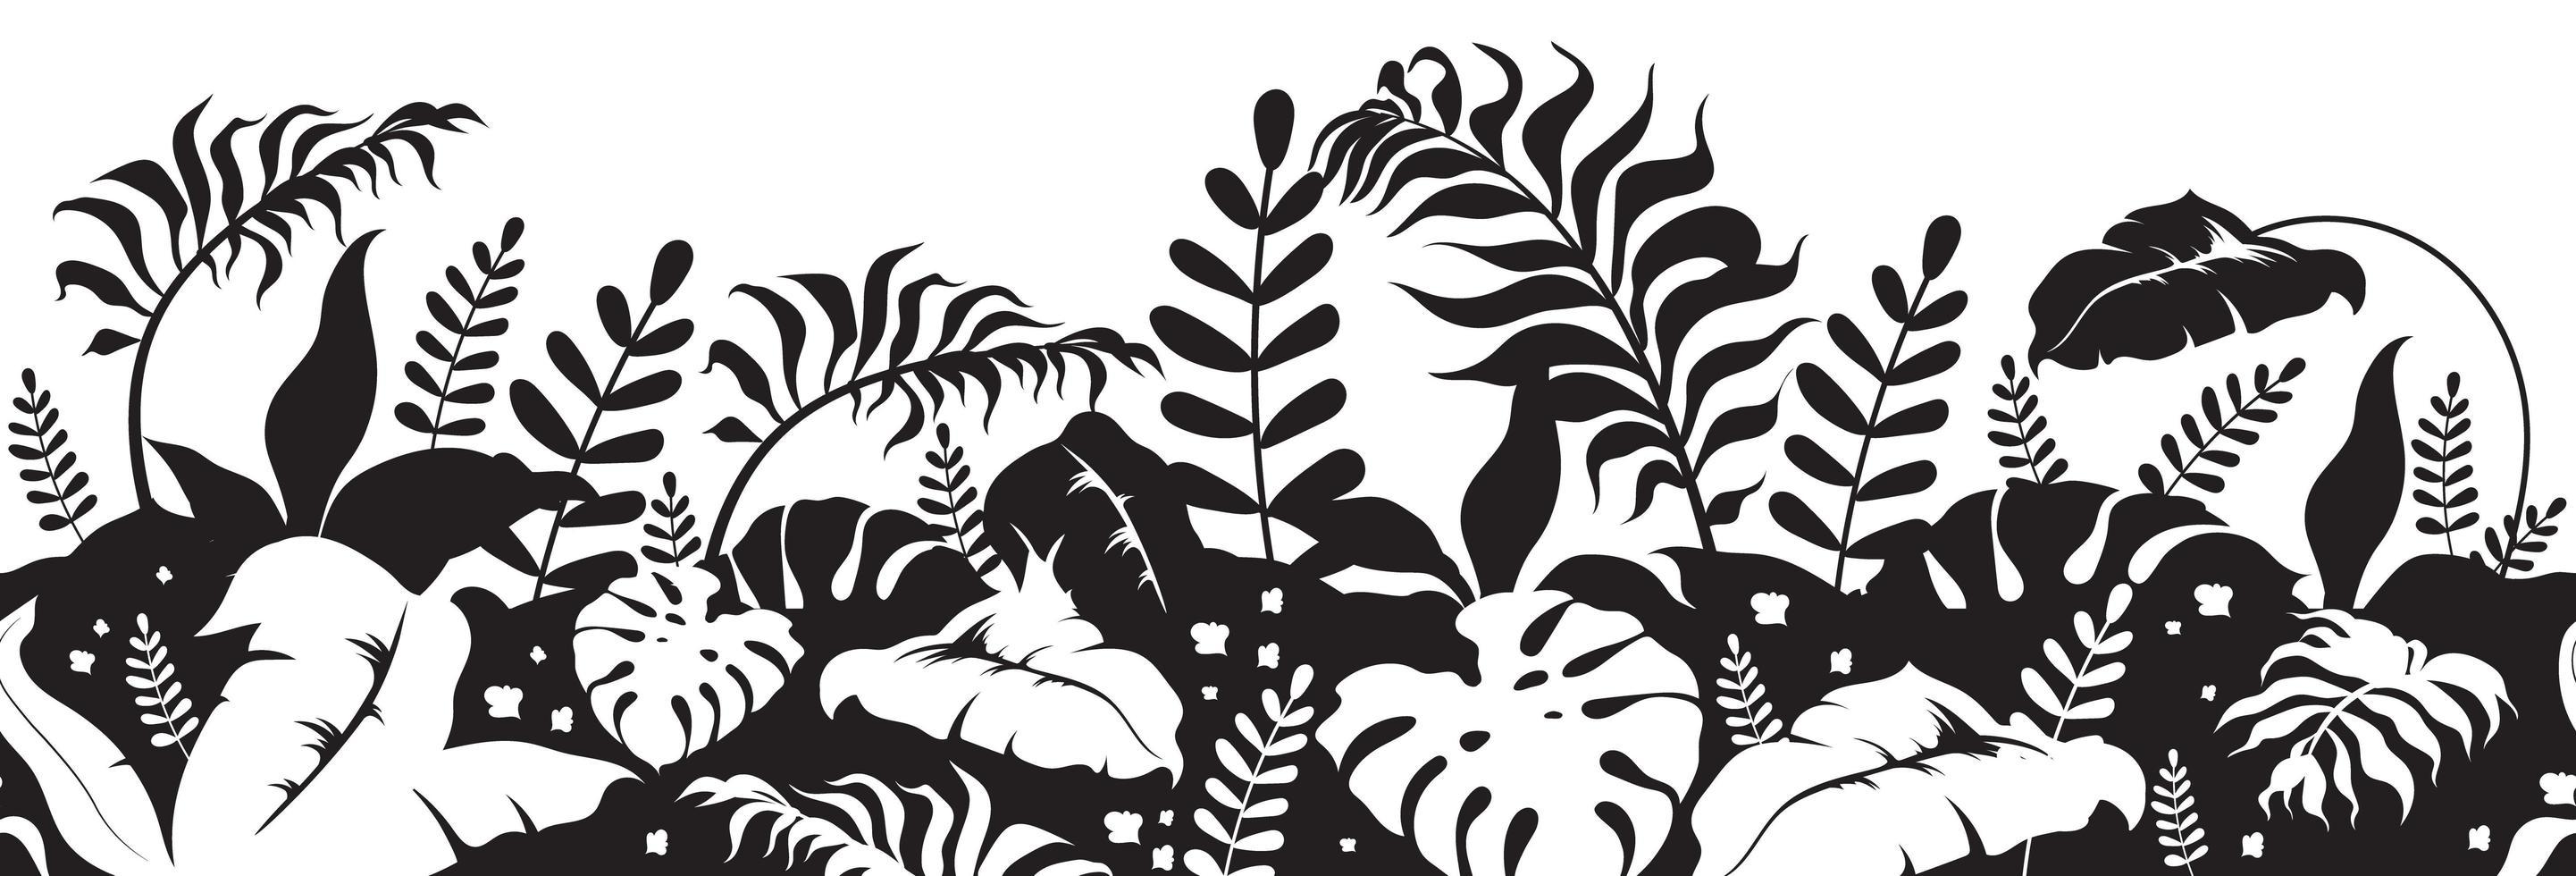 tropische planten zwarte silhouetten vector